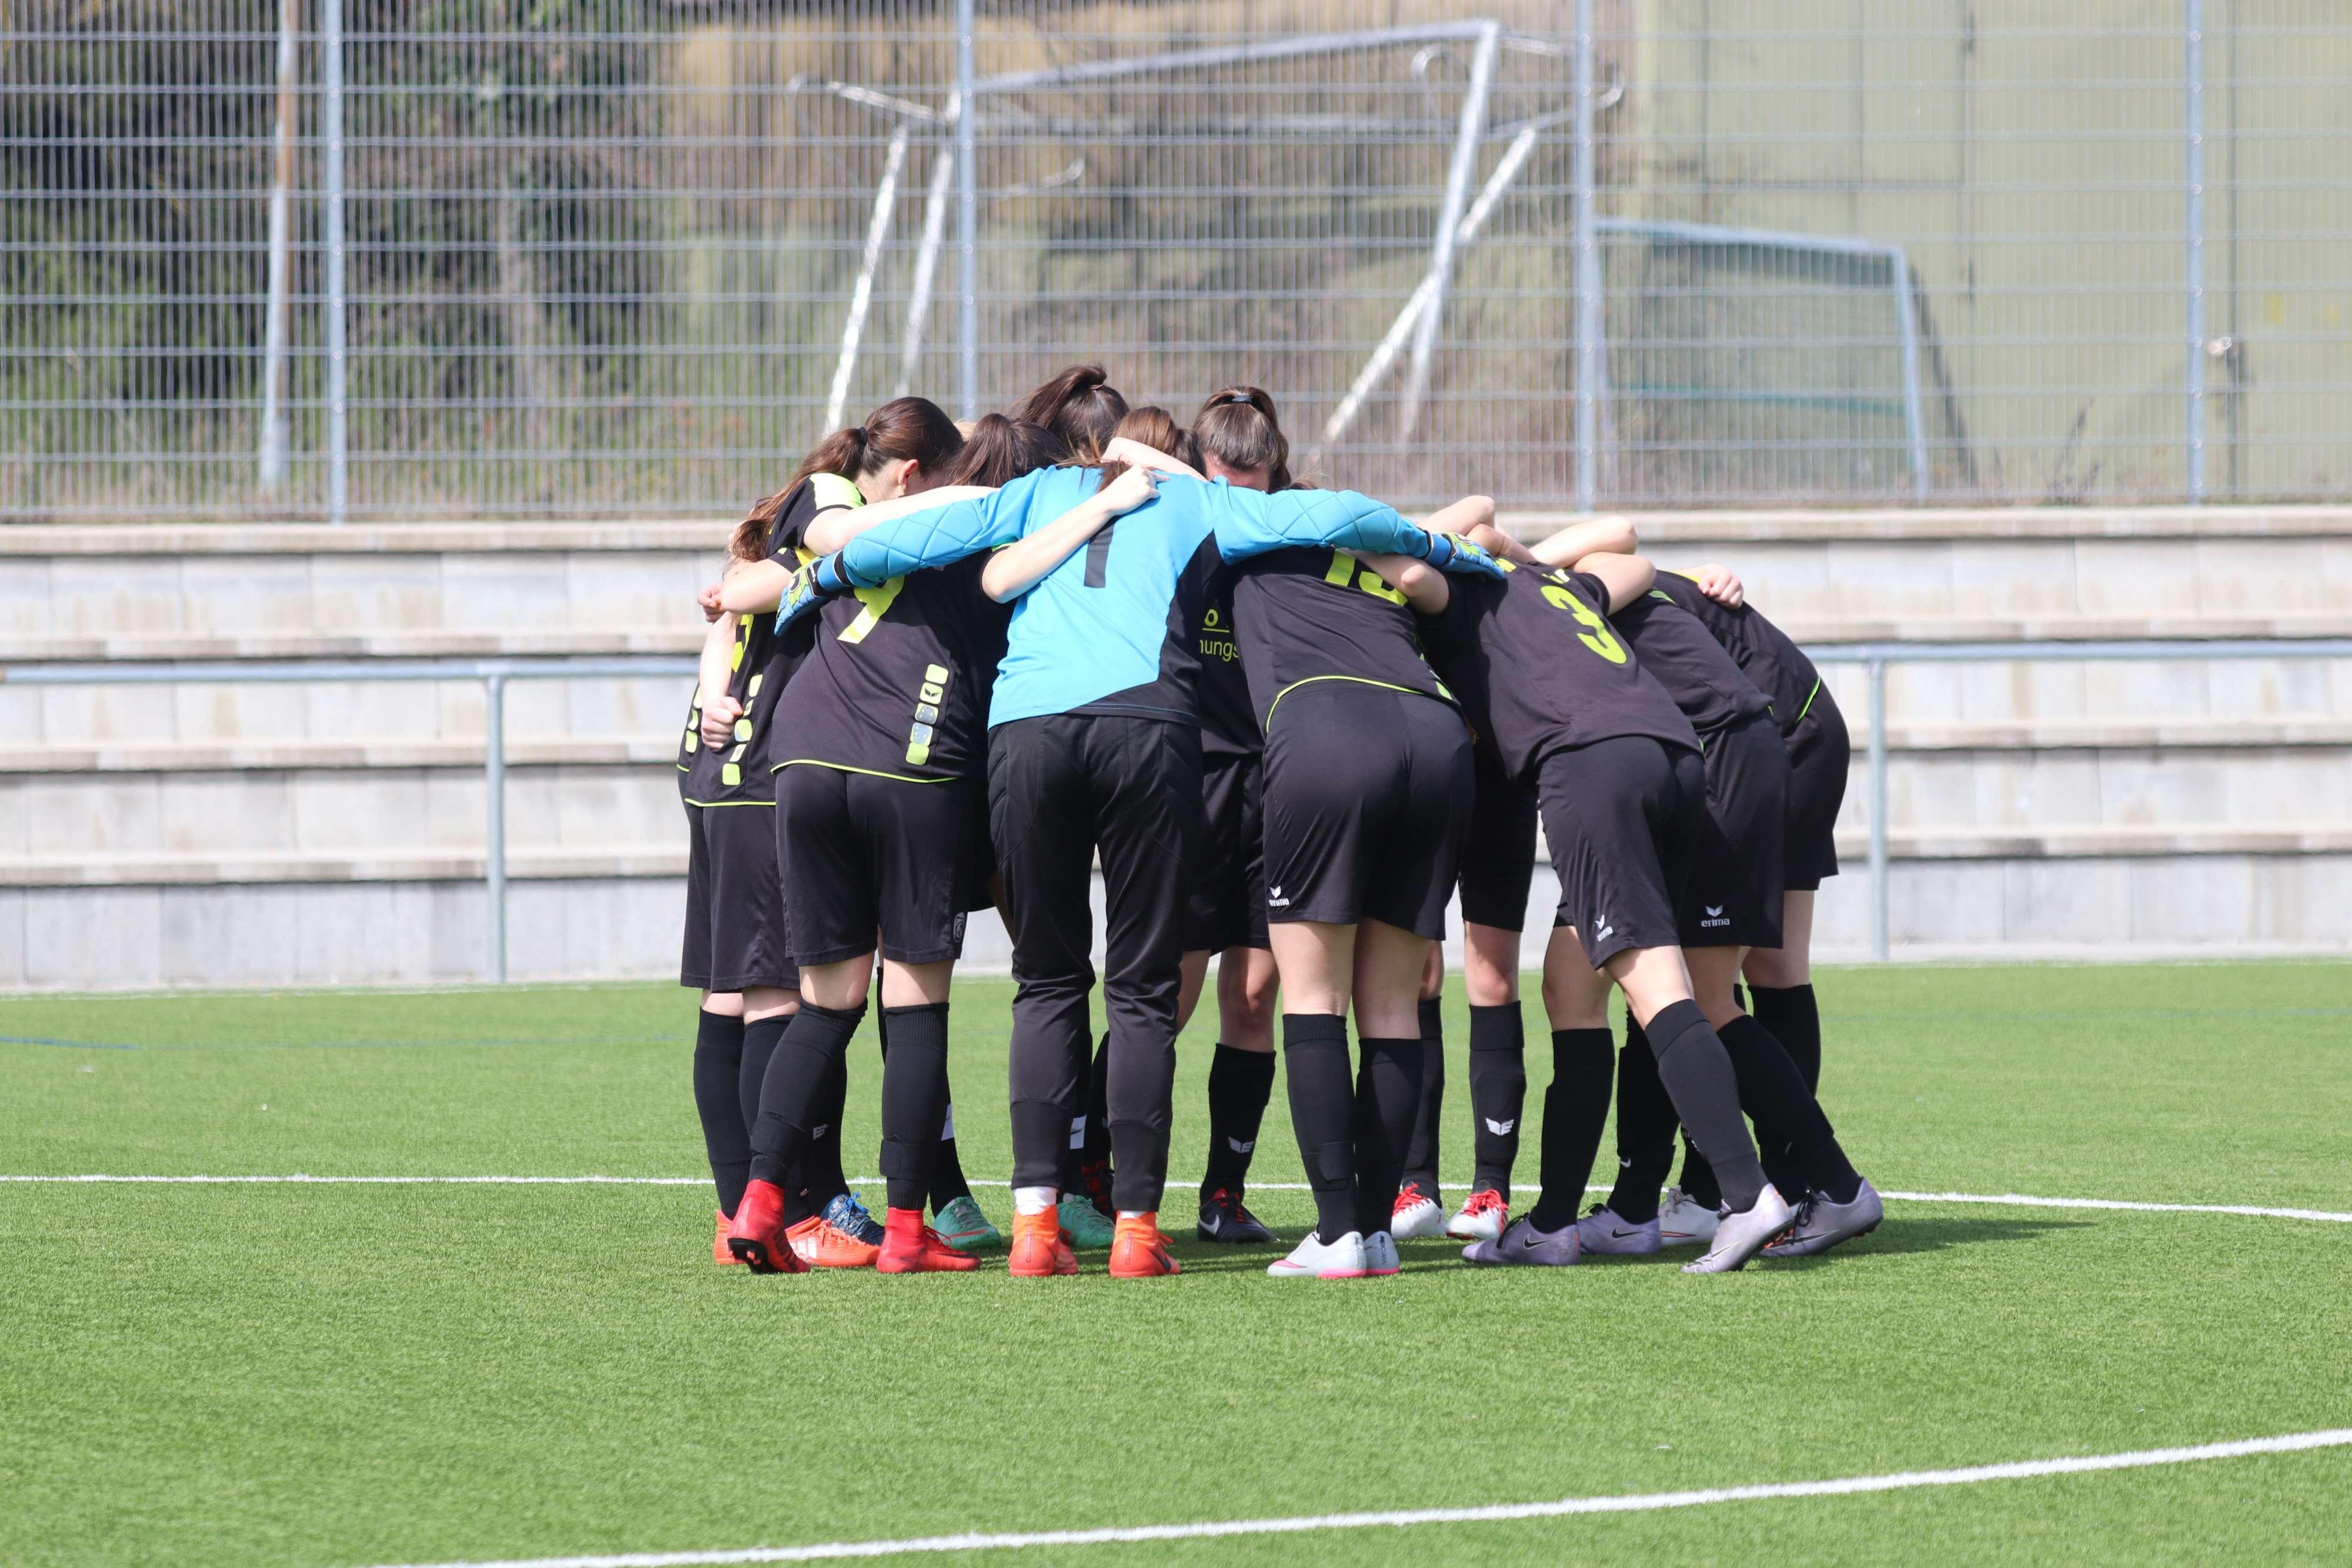 B-Juniorinnen: Souveräner 10:0 Heimsieg gegen den ESV Freiburg